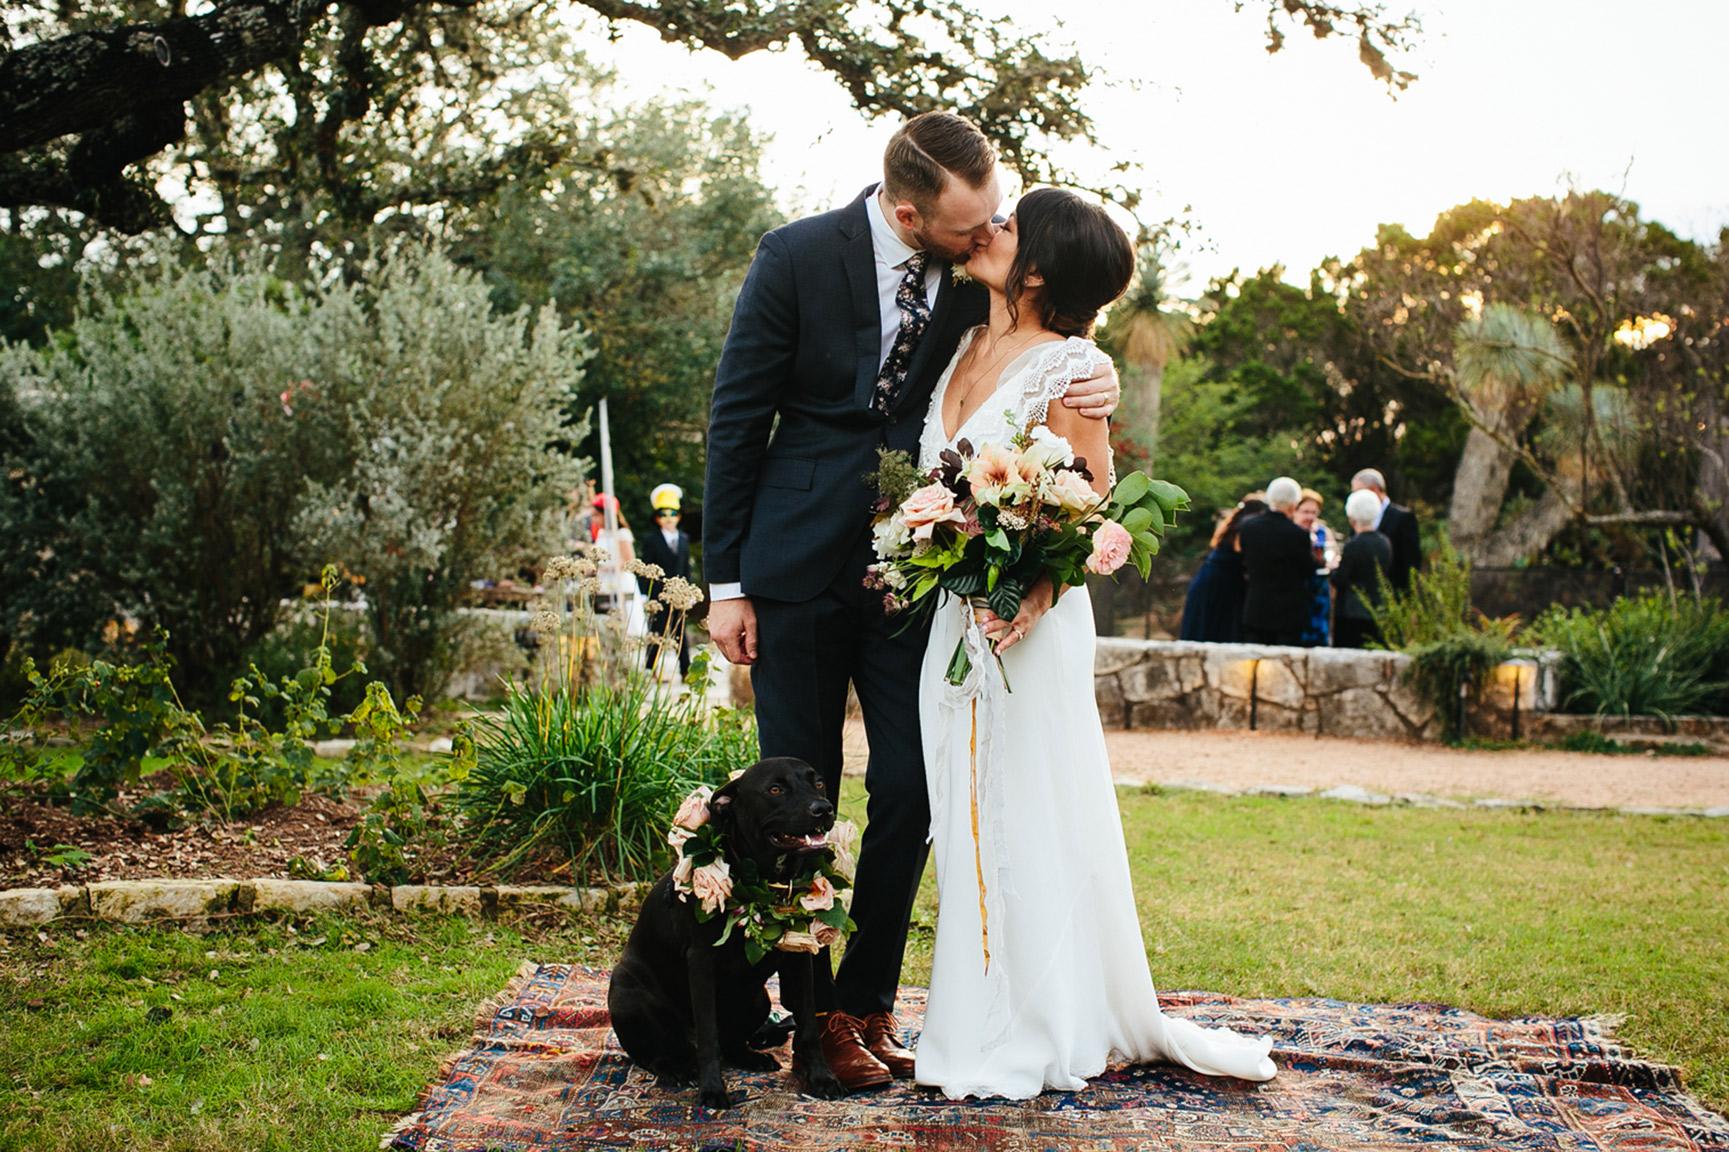 austin_WeddingPhotographer_028.jpg